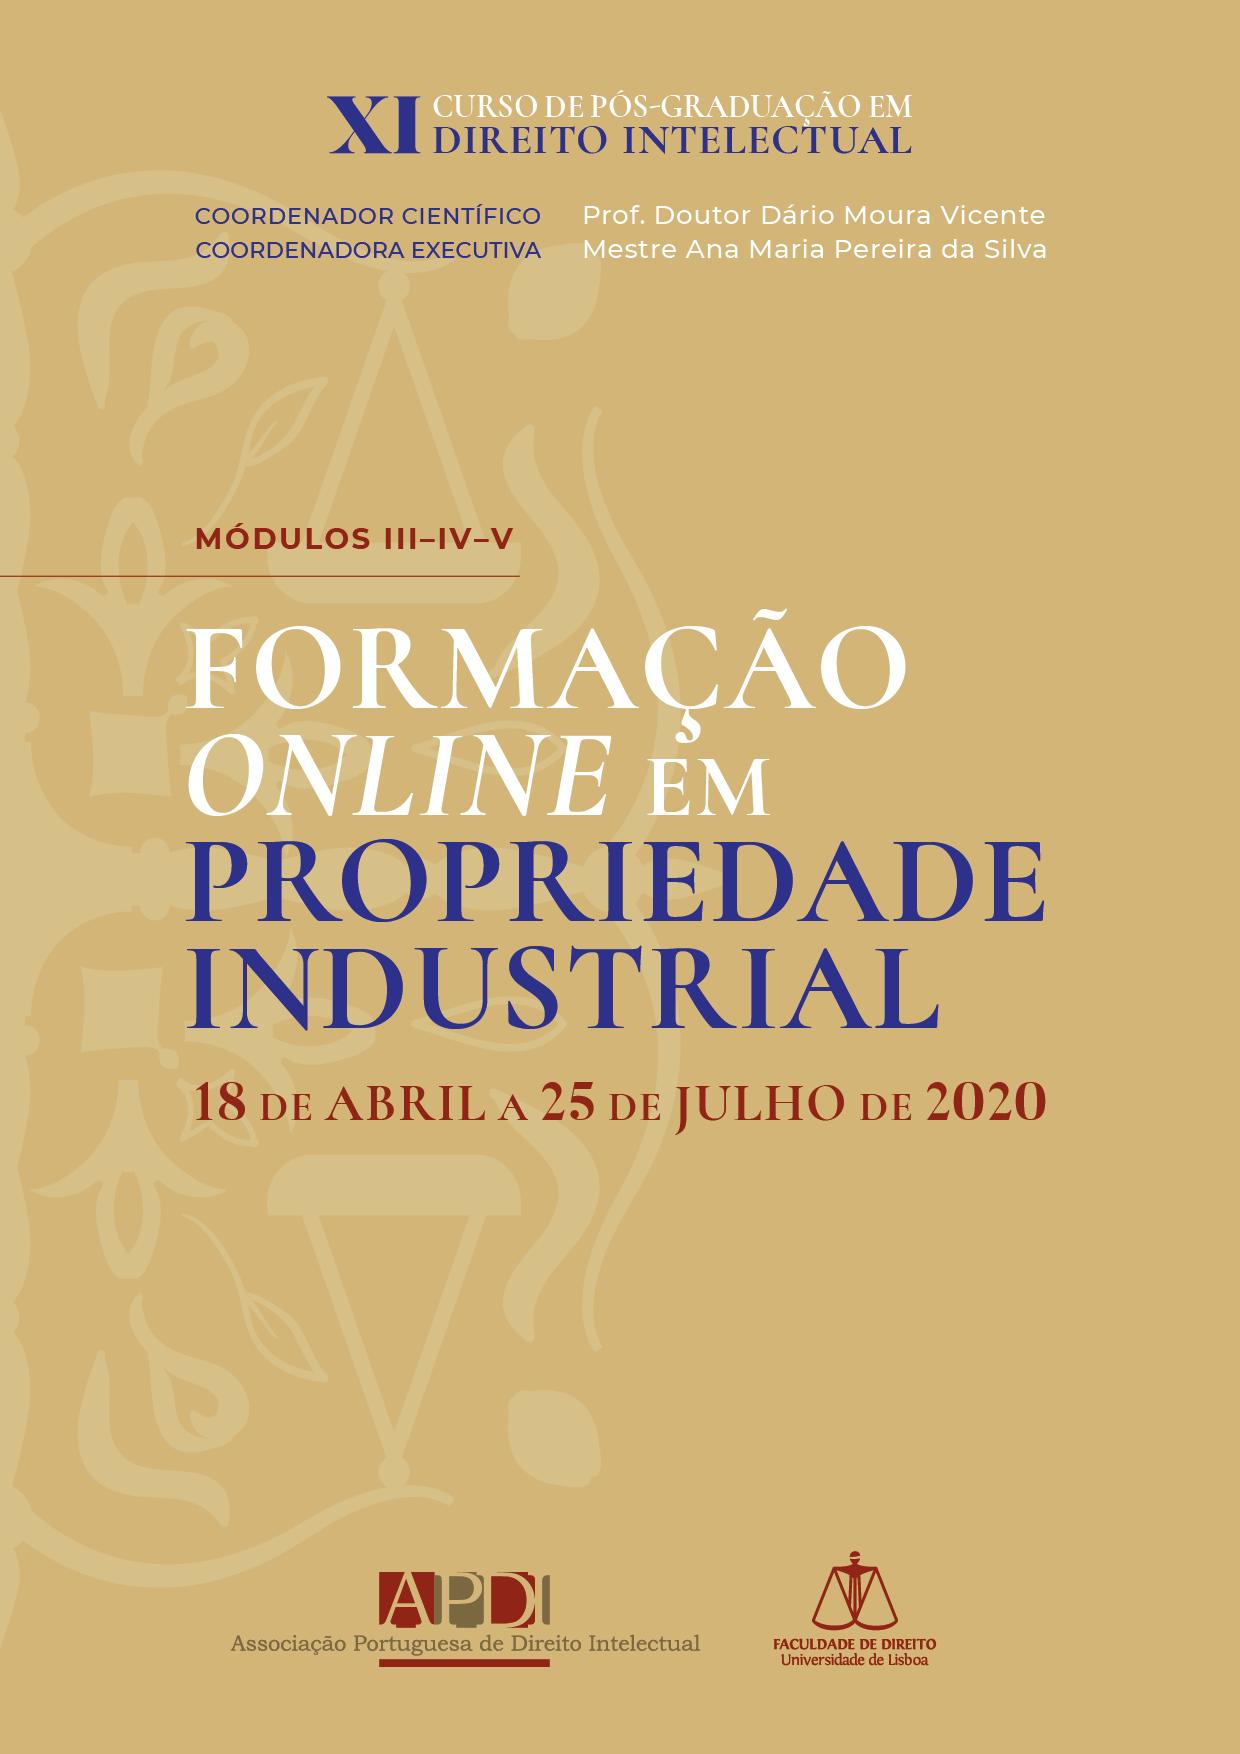 XI Curso de Pós-Graduação - Formação em Propriedade Industrial